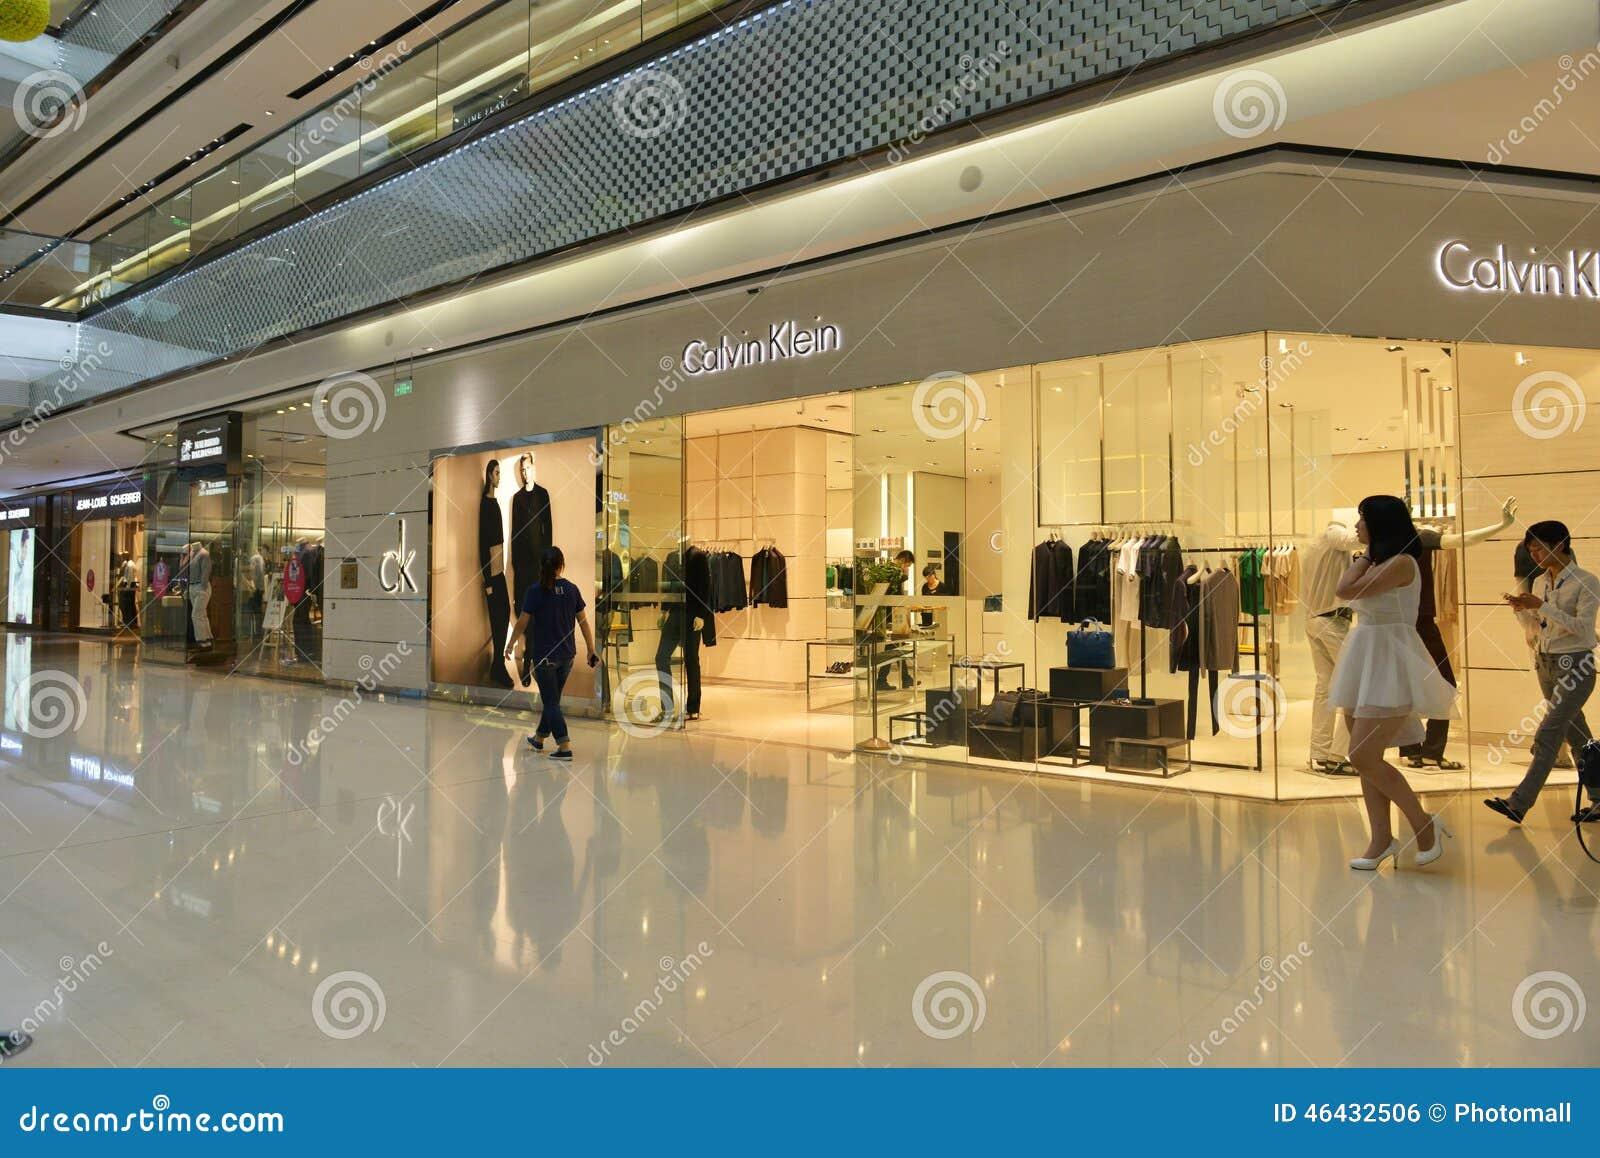 Tienda de la tienda de ropa de ŒCalvin Klein del ¼ de Ckï en Changsha Wanda Plaza, haciendo compras